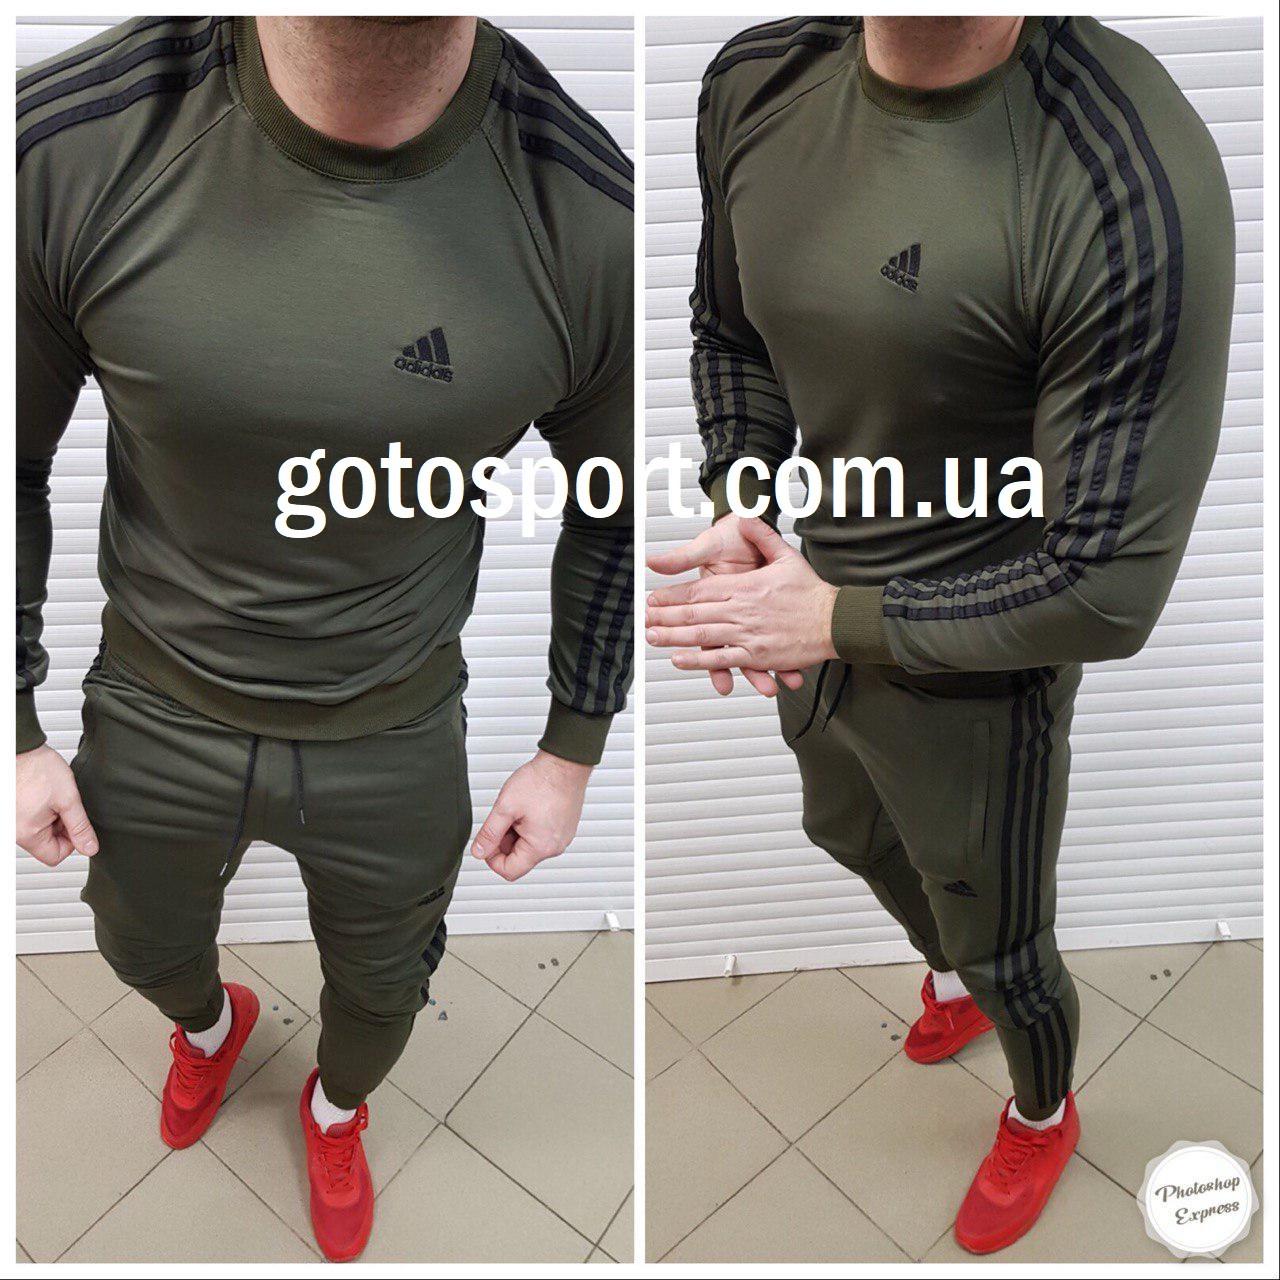 Мужской спортивный костюм Adidas Race Haki